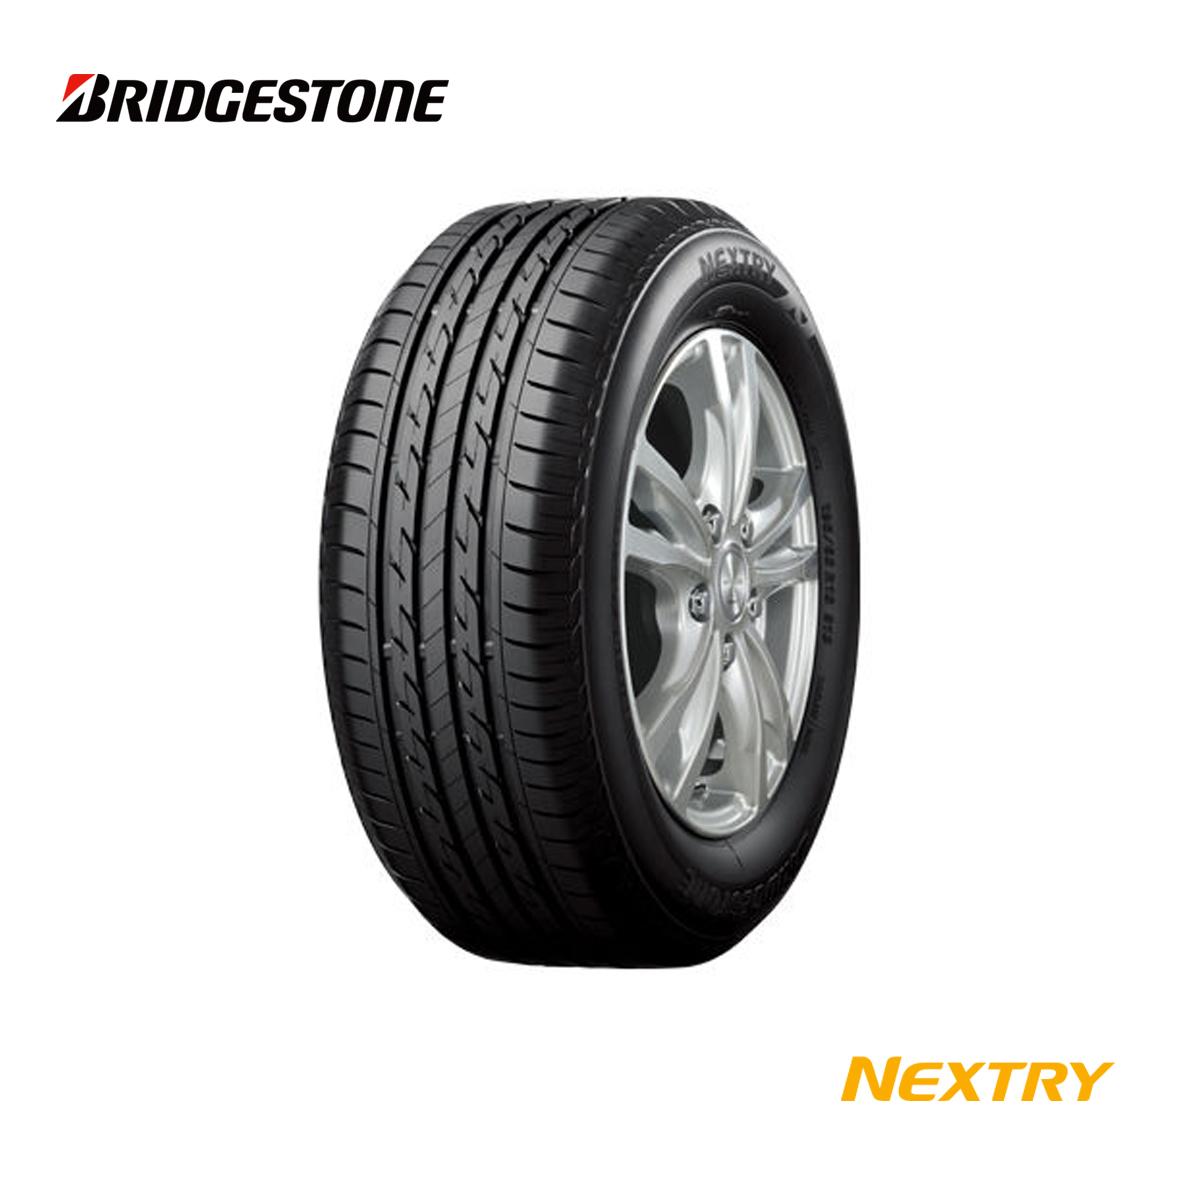 ブリヂストン 15インチ タイヤ 215/65R15 215 65 15 96S ネクストリー サマータイヤ 1本 96S 低燃費 エコ 夏 サマー タイヤ BRIDGESTONE NEXTRY